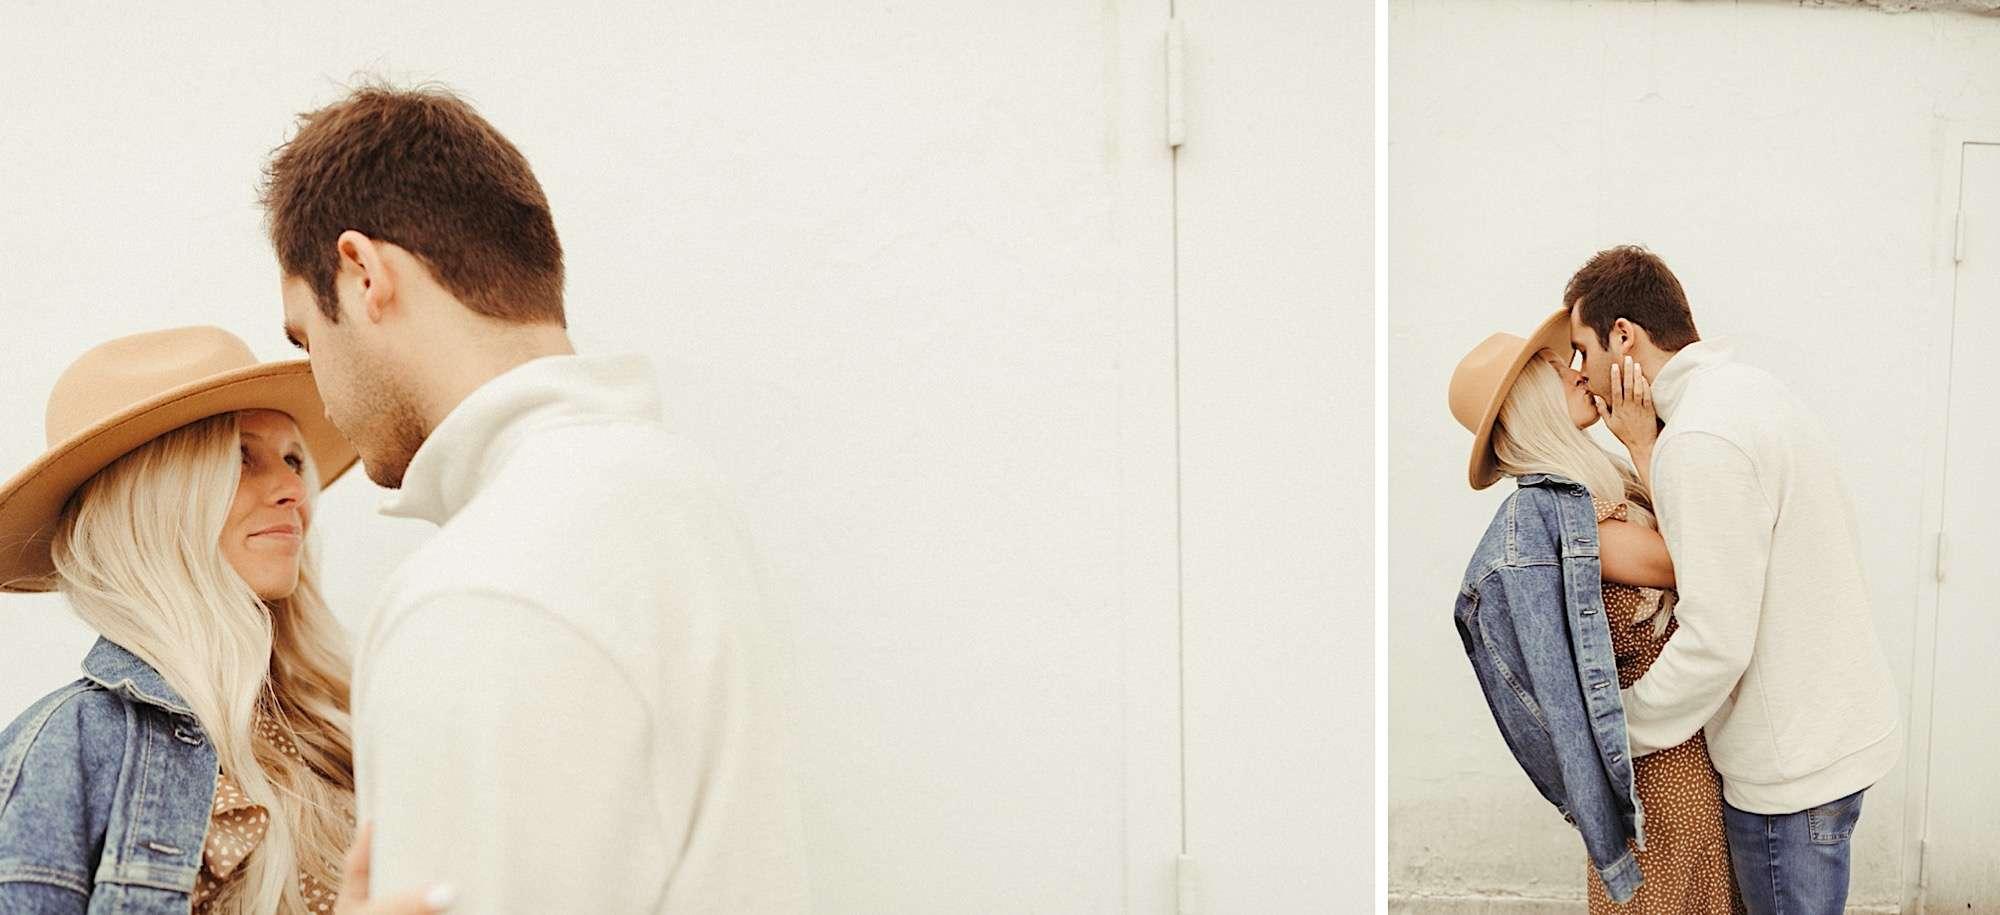 des moines engagement photographes anna jones